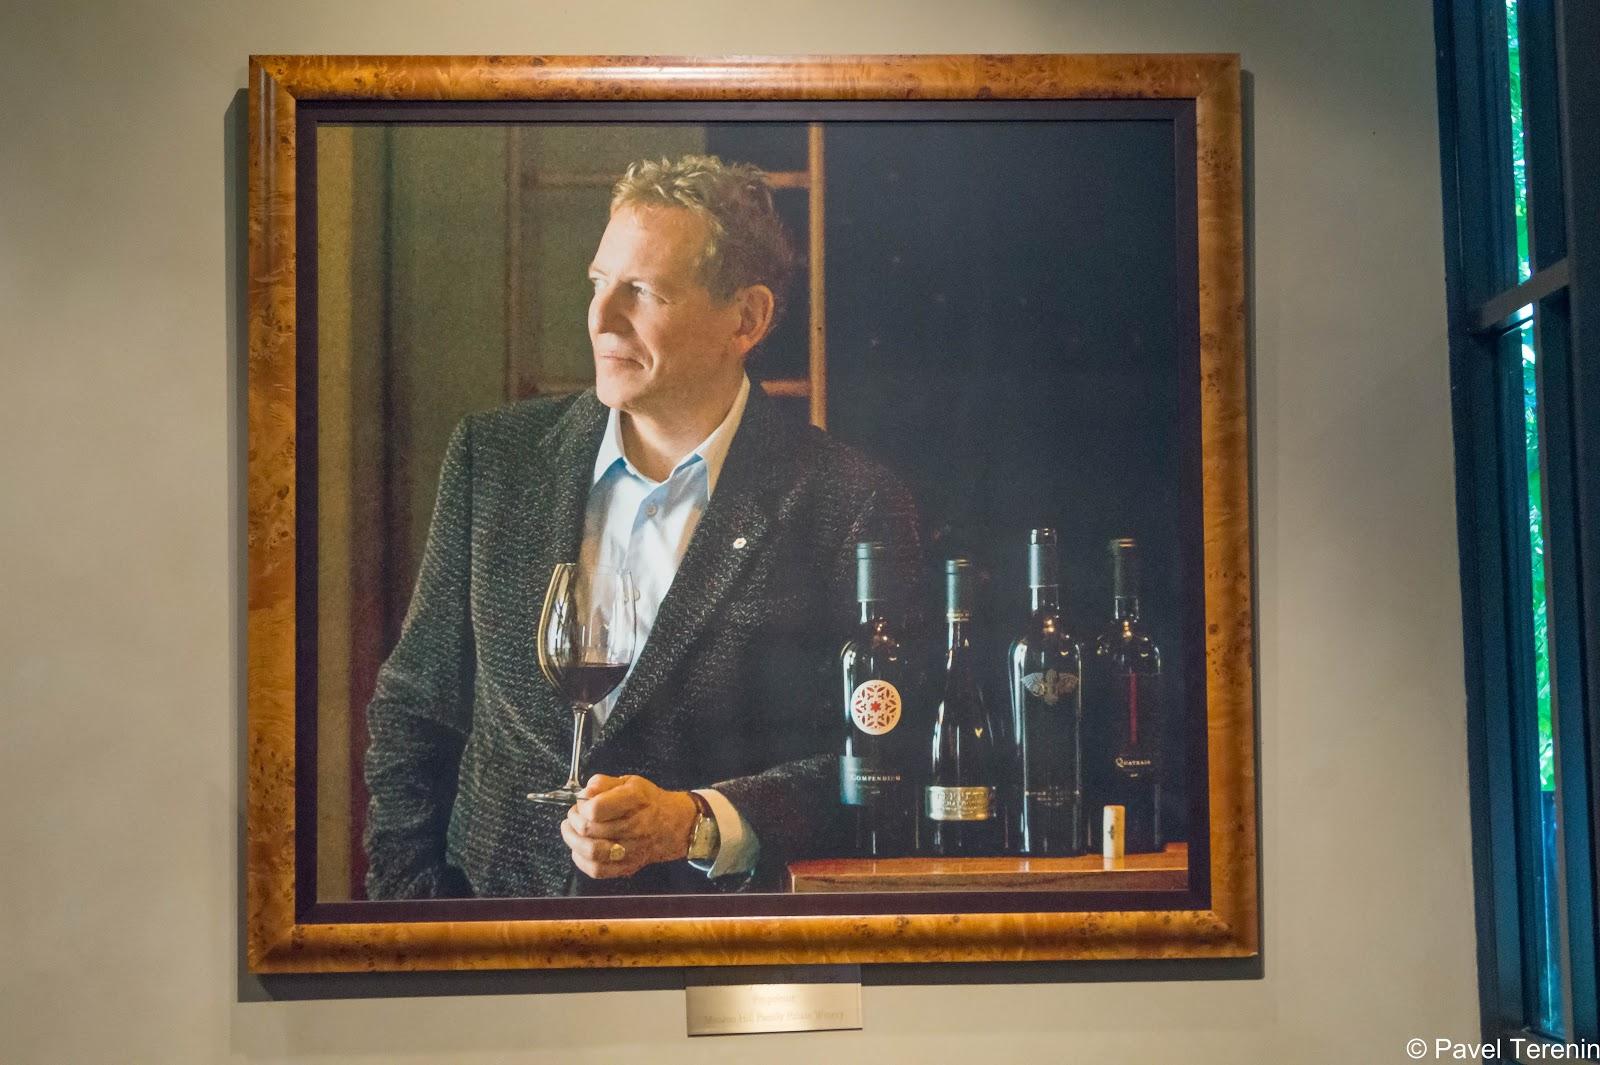 В зале для дегустаций можно увидеть портрет владельца винодельни.